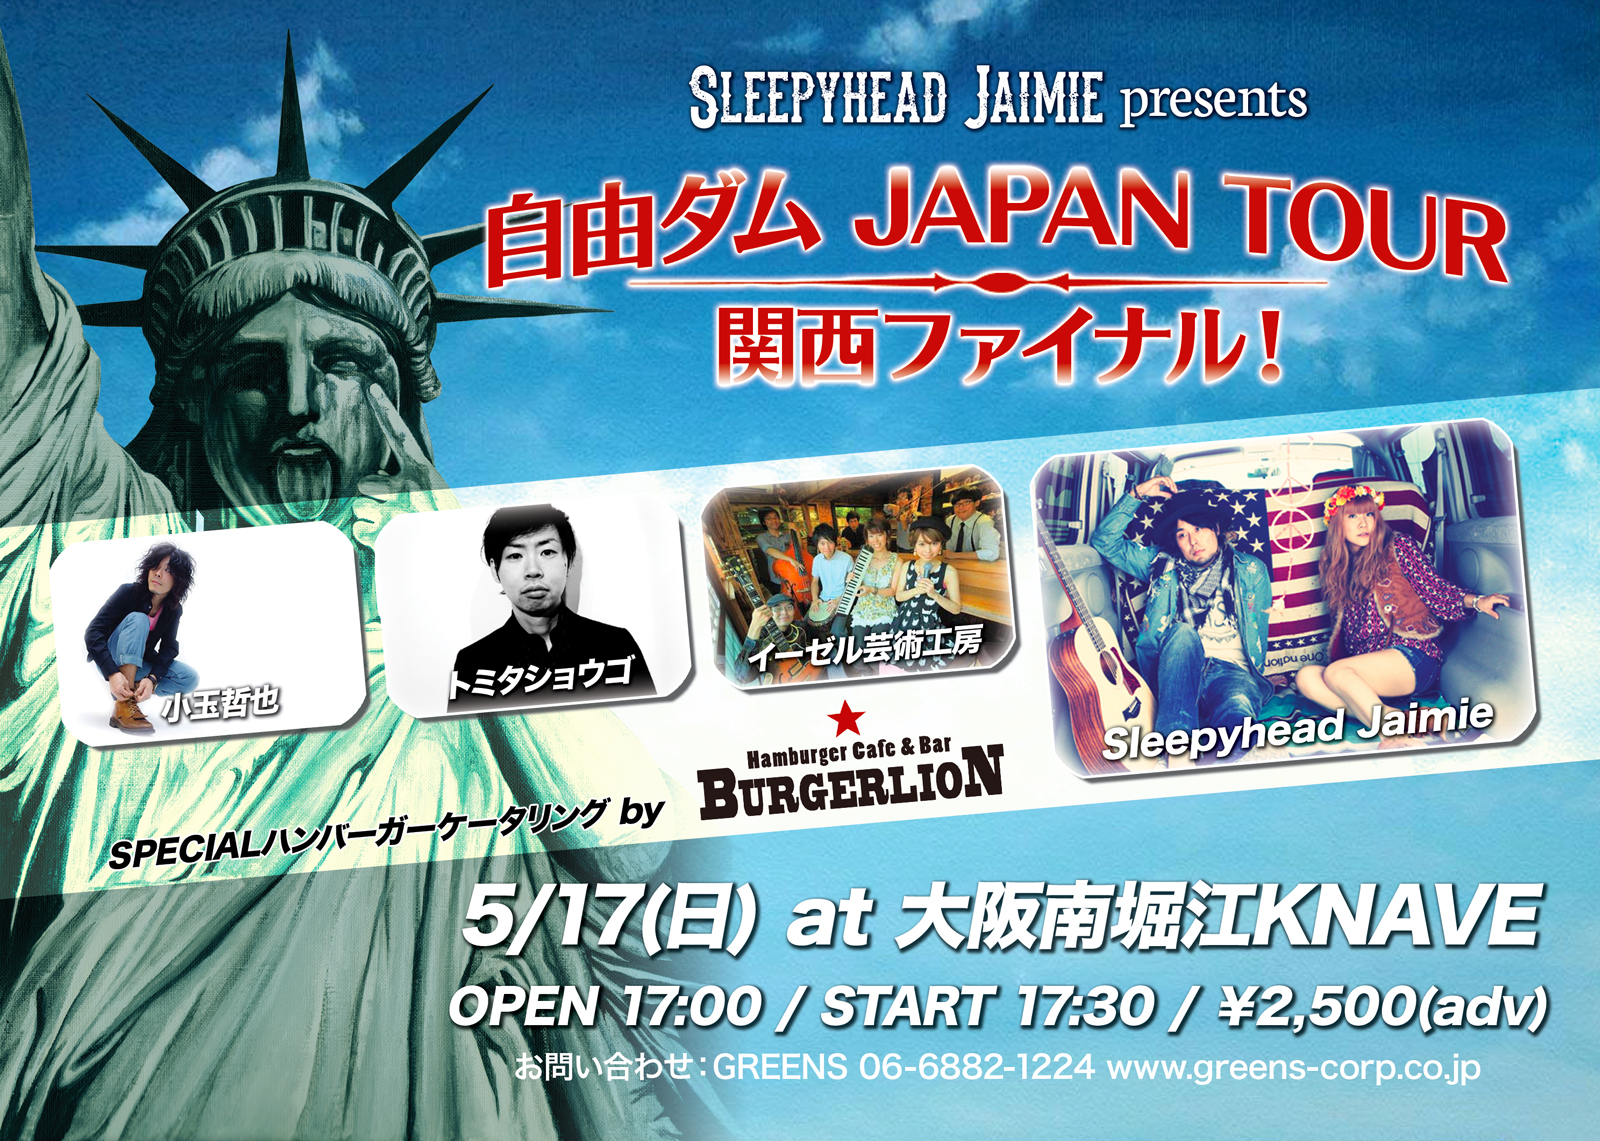 「自由ダム JAPAN TOUR」関西ファイナル主催間近!チケット発売&予約受付中!